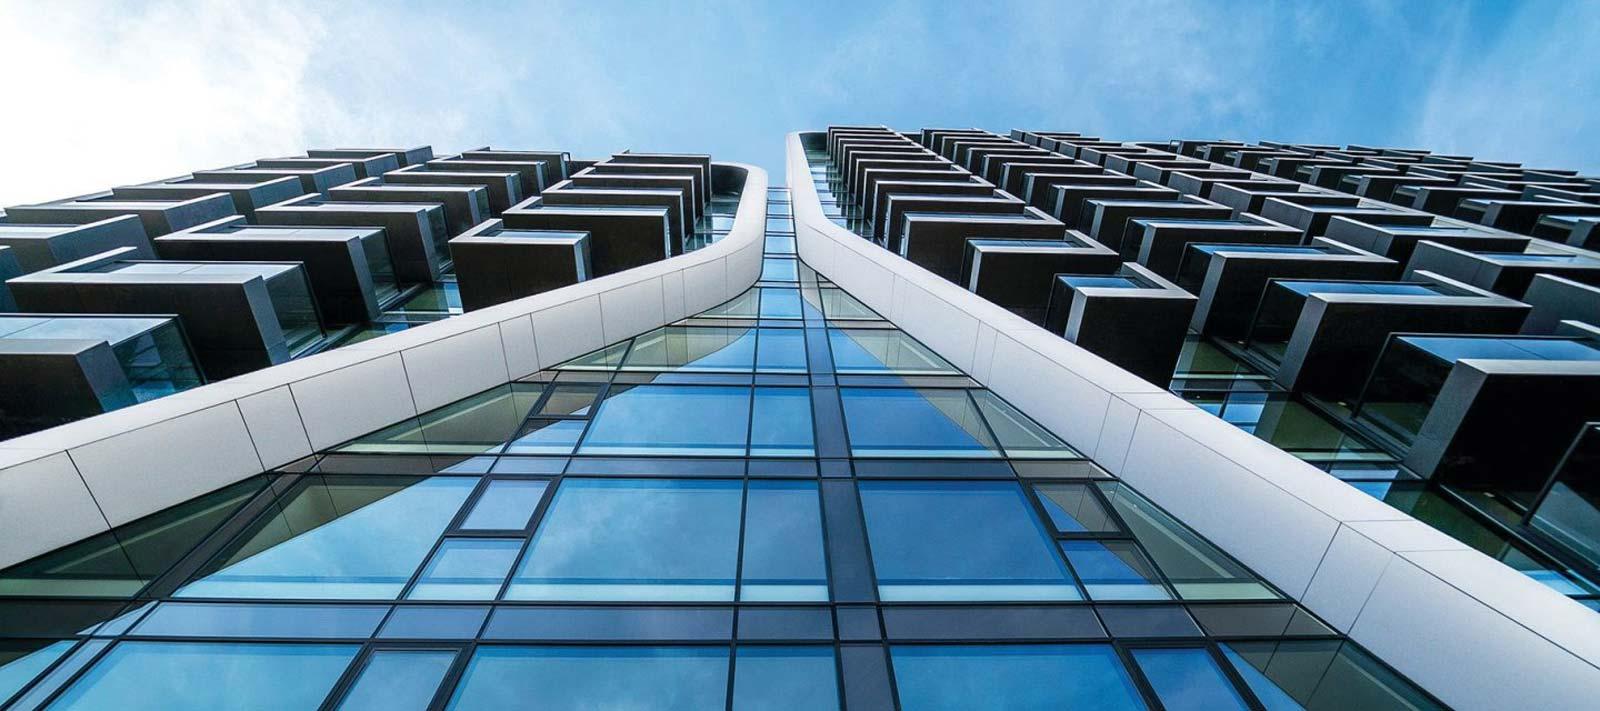 نمای ساختمان با شیشه اسپندرال